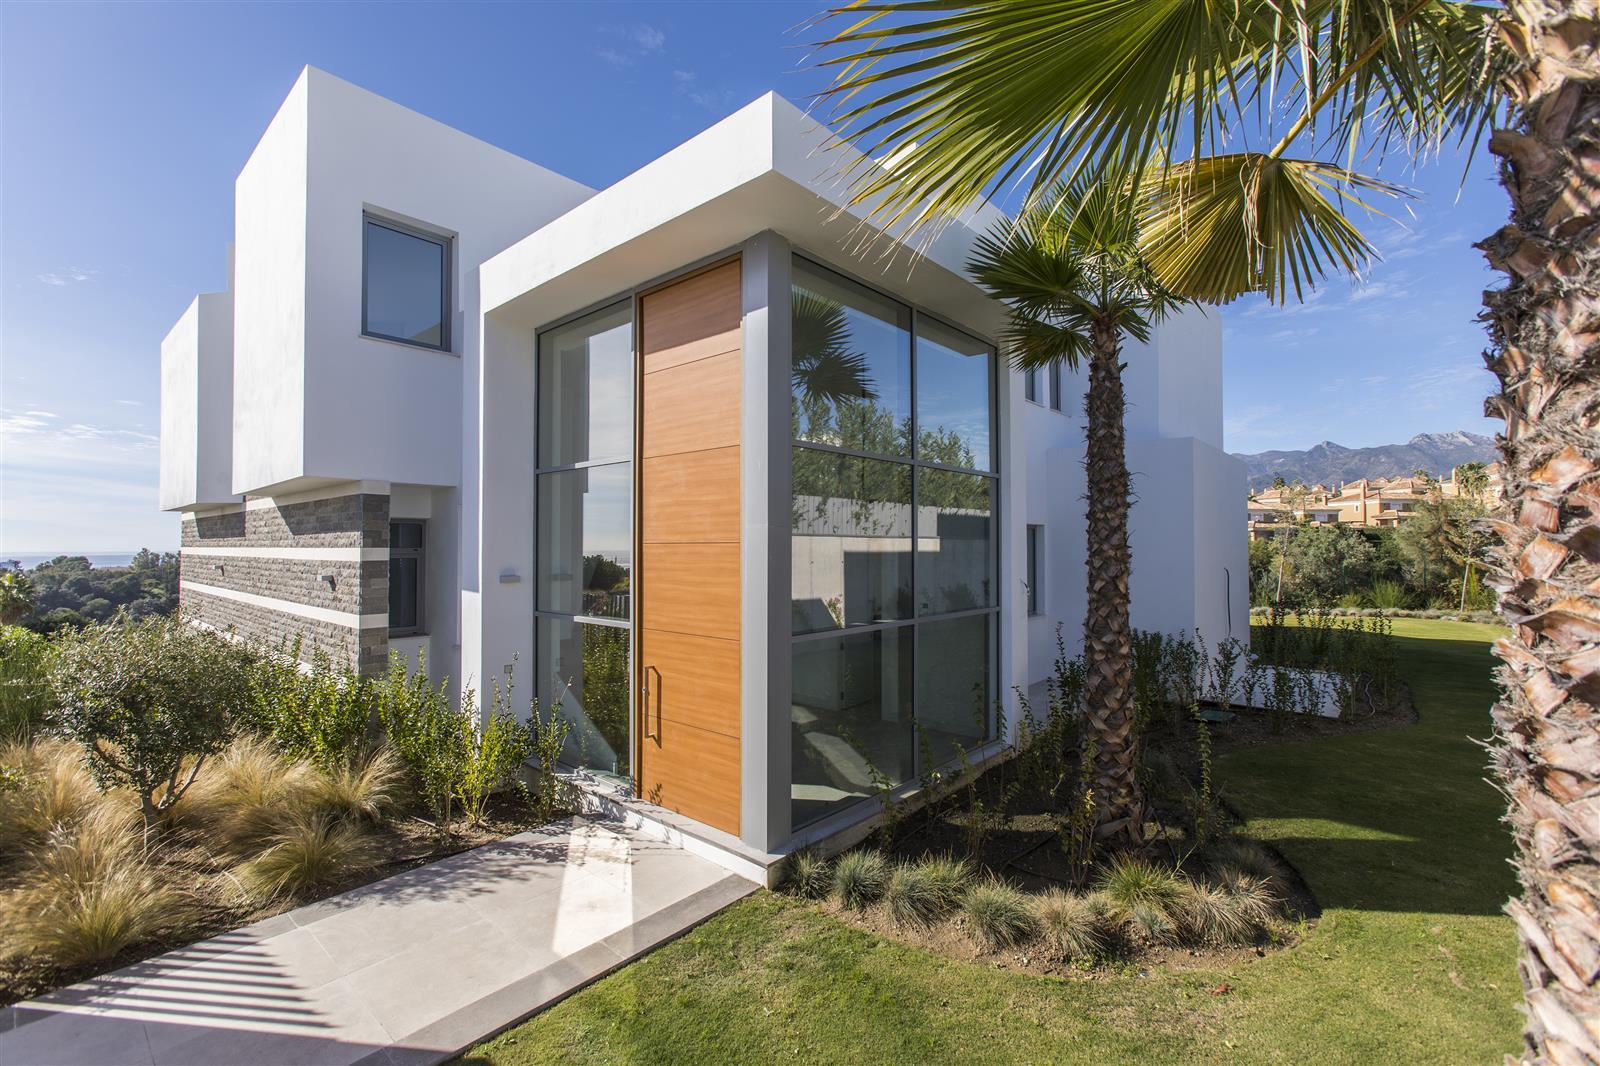 Lujosa villa de 5 dormitorios en Santa Clara